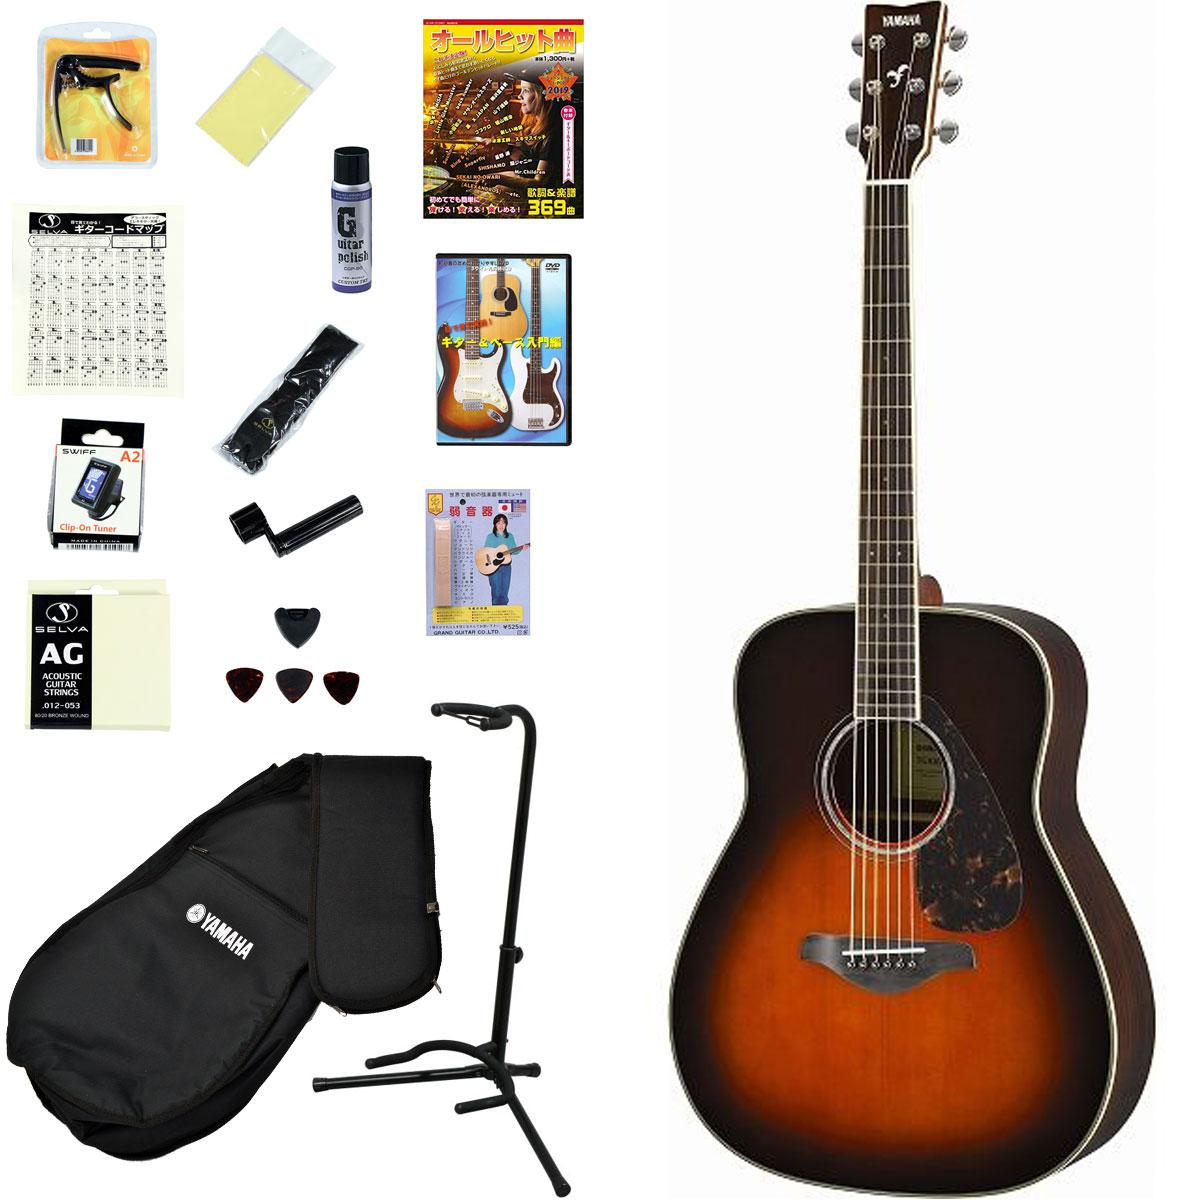 YAMAHA / FG830 TBS(タバコブラウンサンバースト) 【オールヒット曲歌本17点入門セット】【楽譜が付いたお買い得セット】 ヤマハ アコースティックギター アコギ FG-830 入門 初心者【YRK】